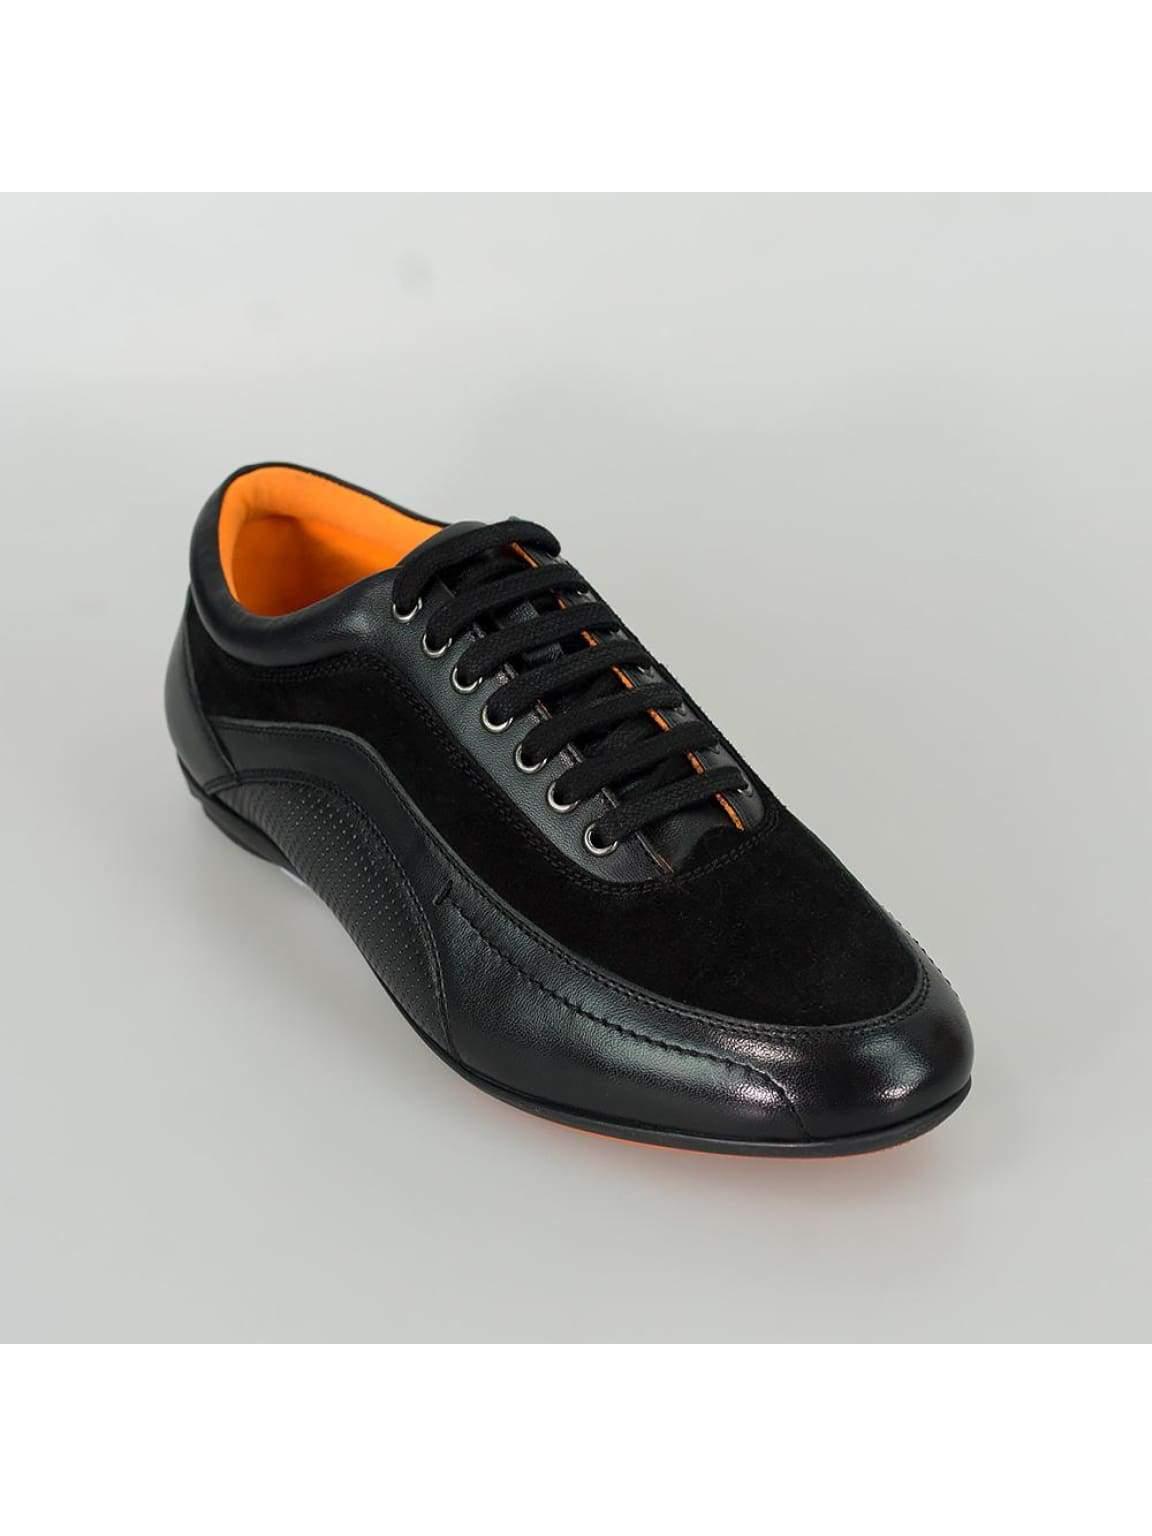 Cavani Brad Mens Black Fashion Shoes - Shoes